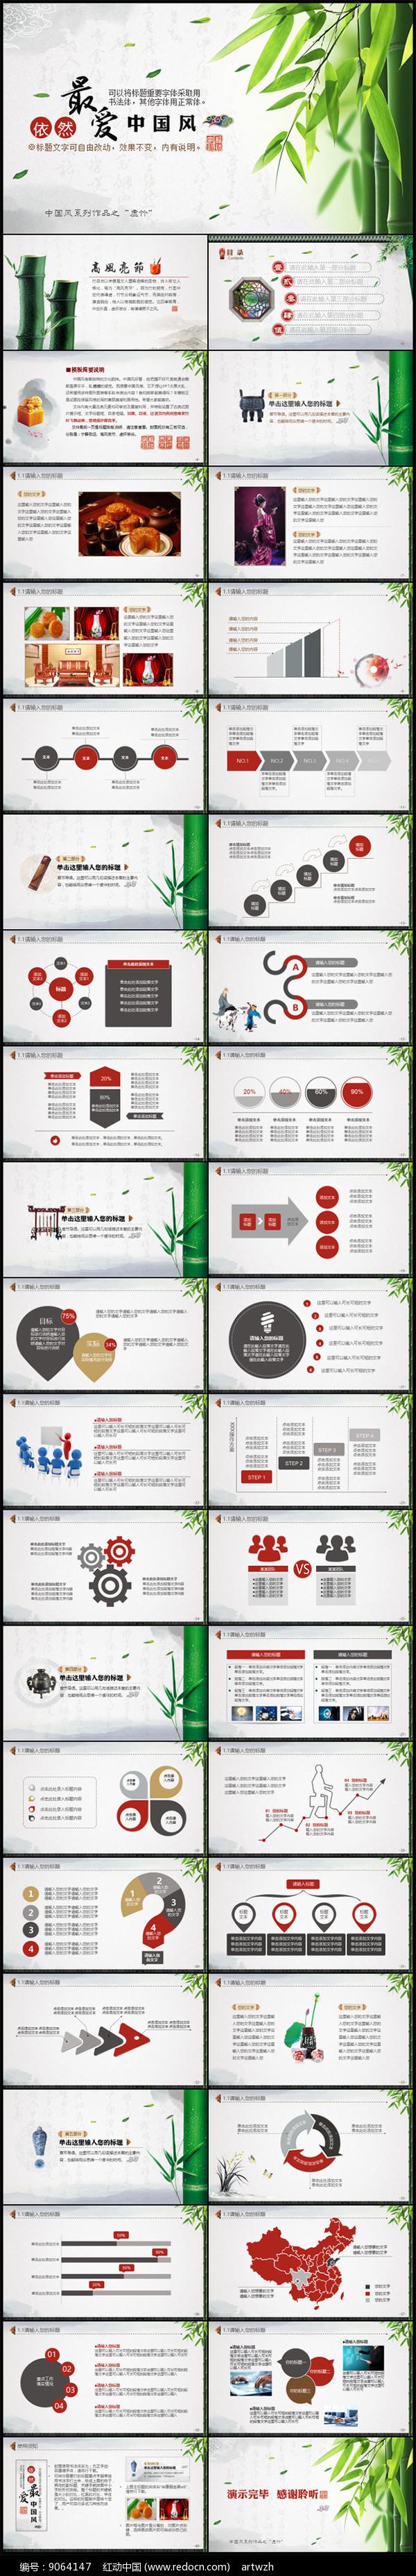 绿色竹子工作总结ppt图片